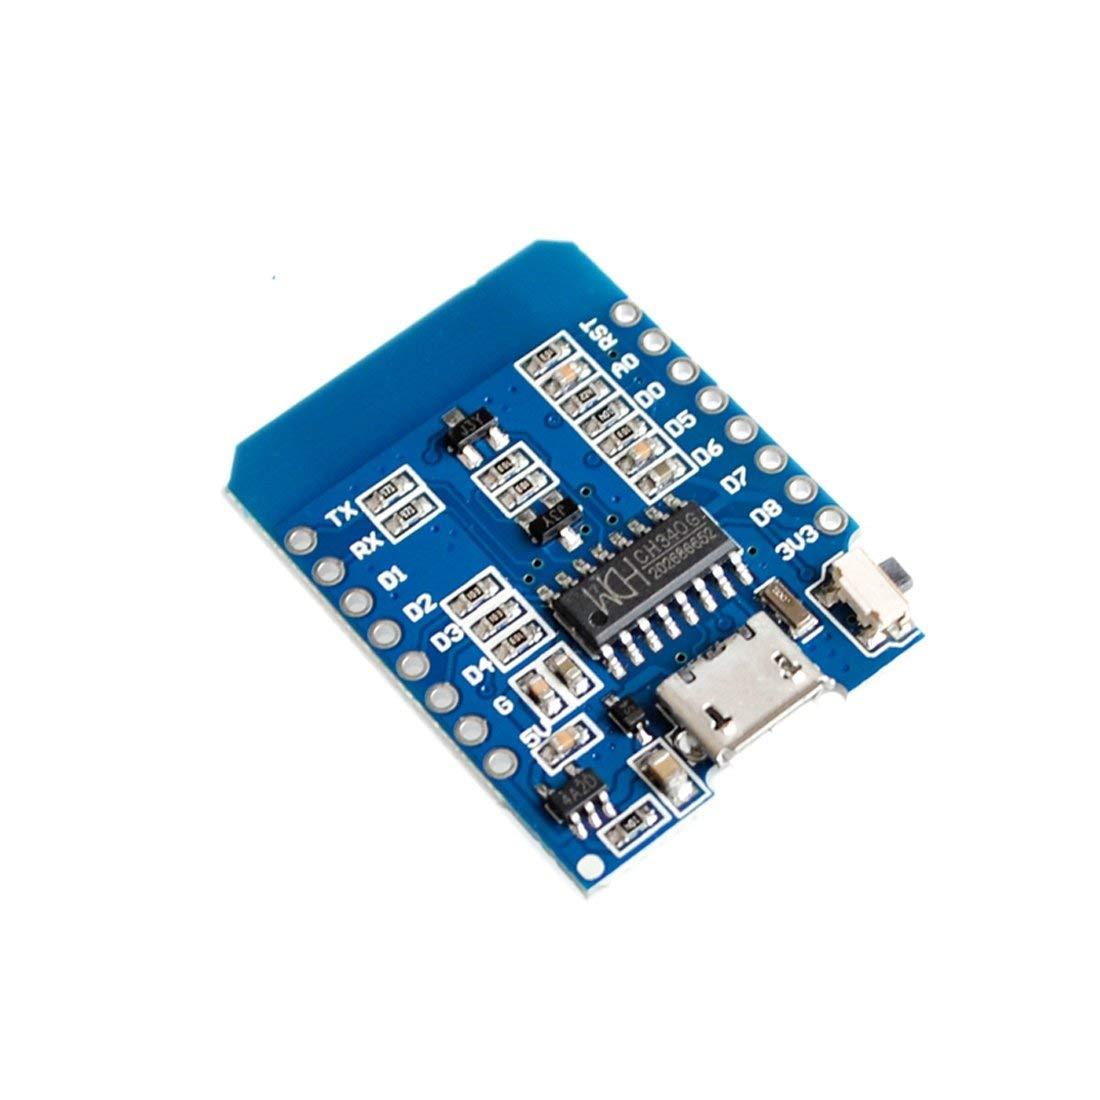 ESP8266 ESP-12 D1 Mini NodeMCU Lua WeMos D1 Mini WIFI 4M Bytes Module